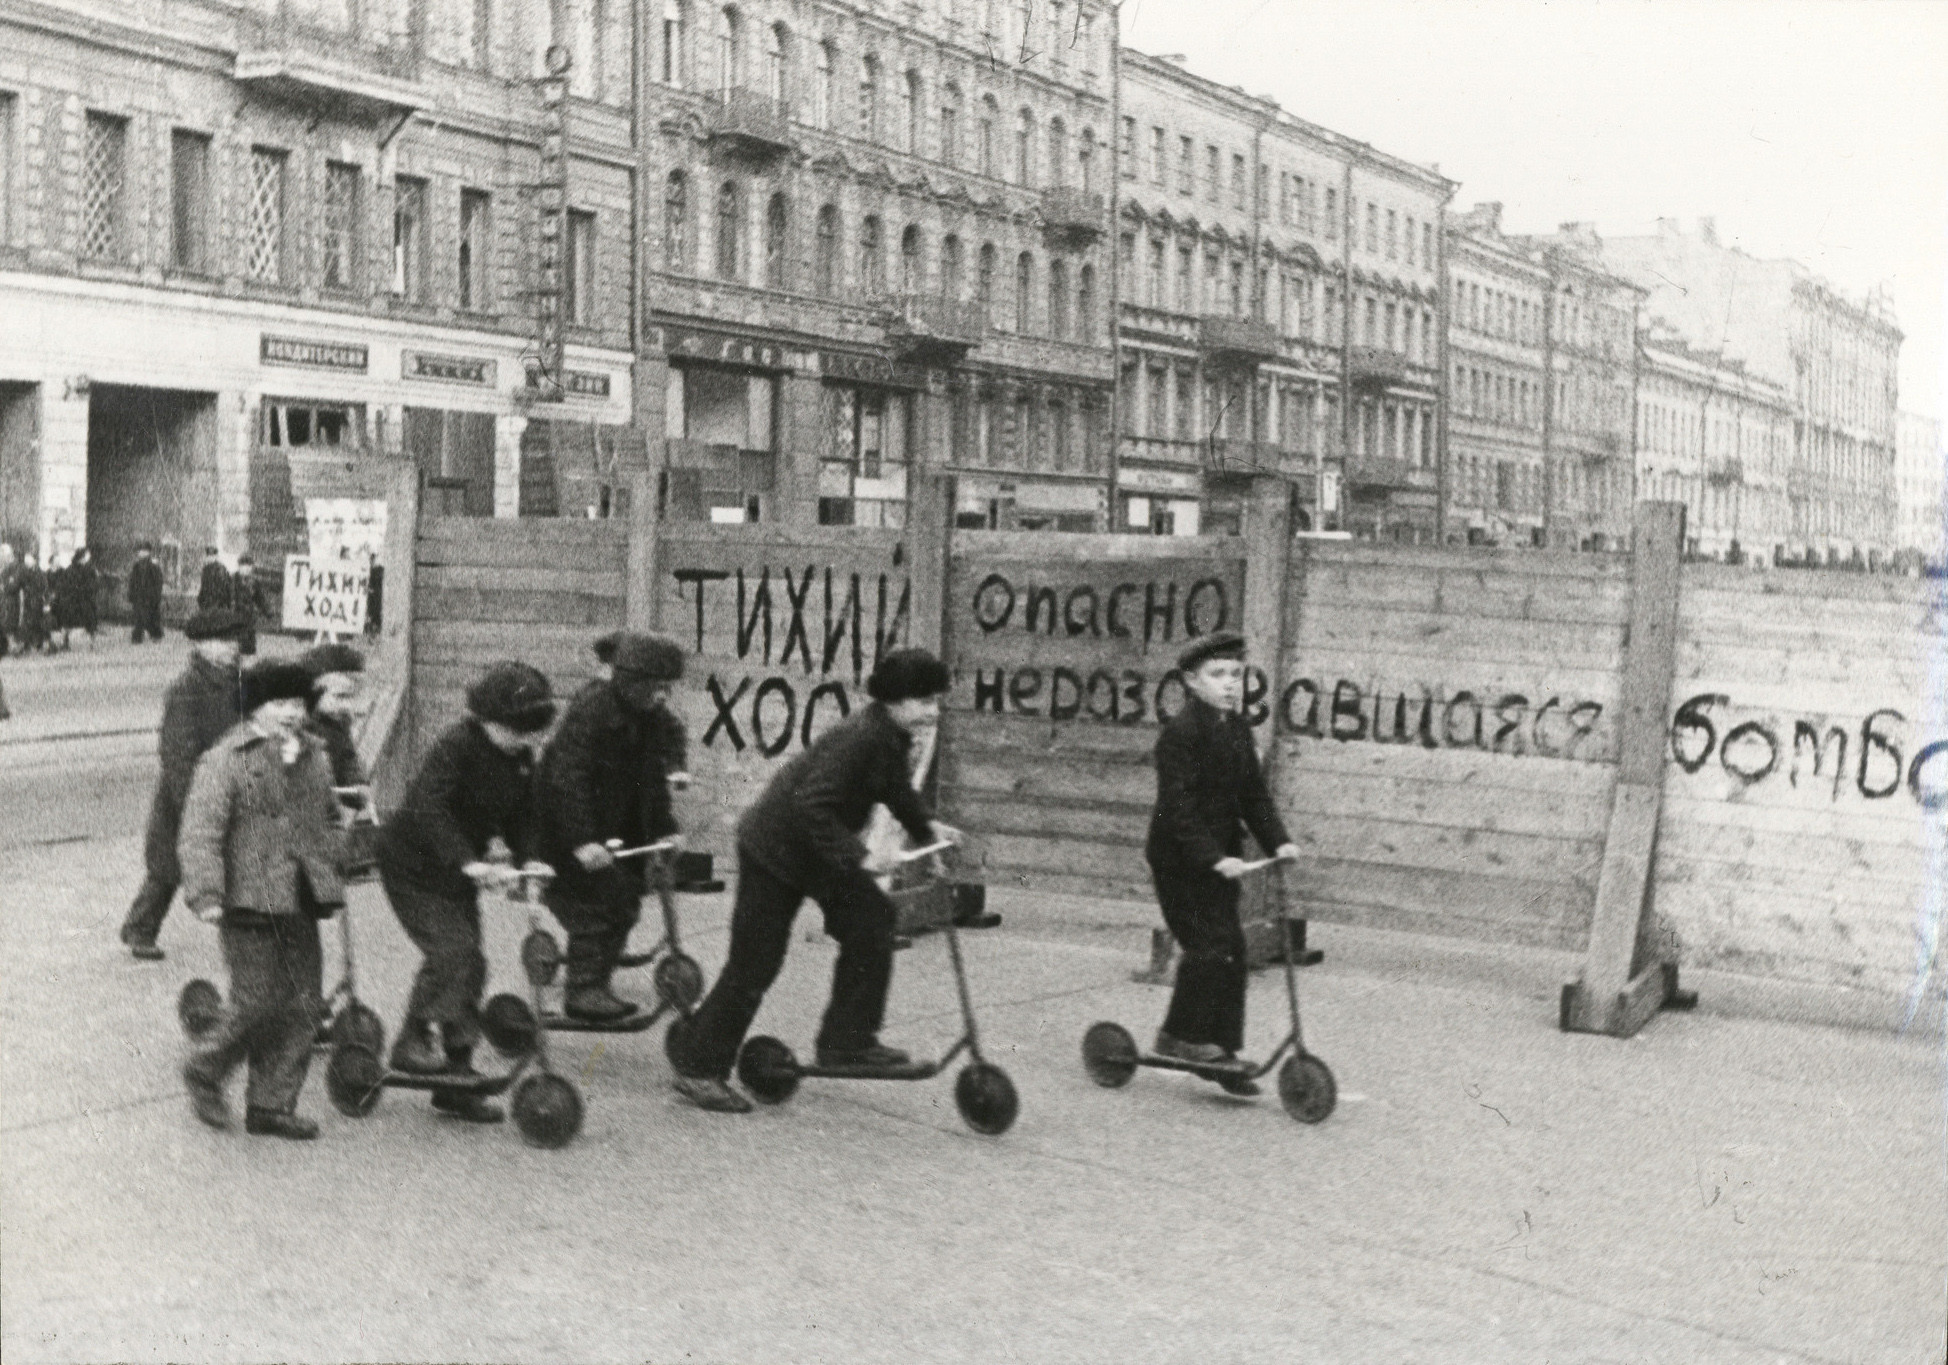 Nevsky Prospekt. 1941, Exhibition Centre for Photography ROSPHOTO